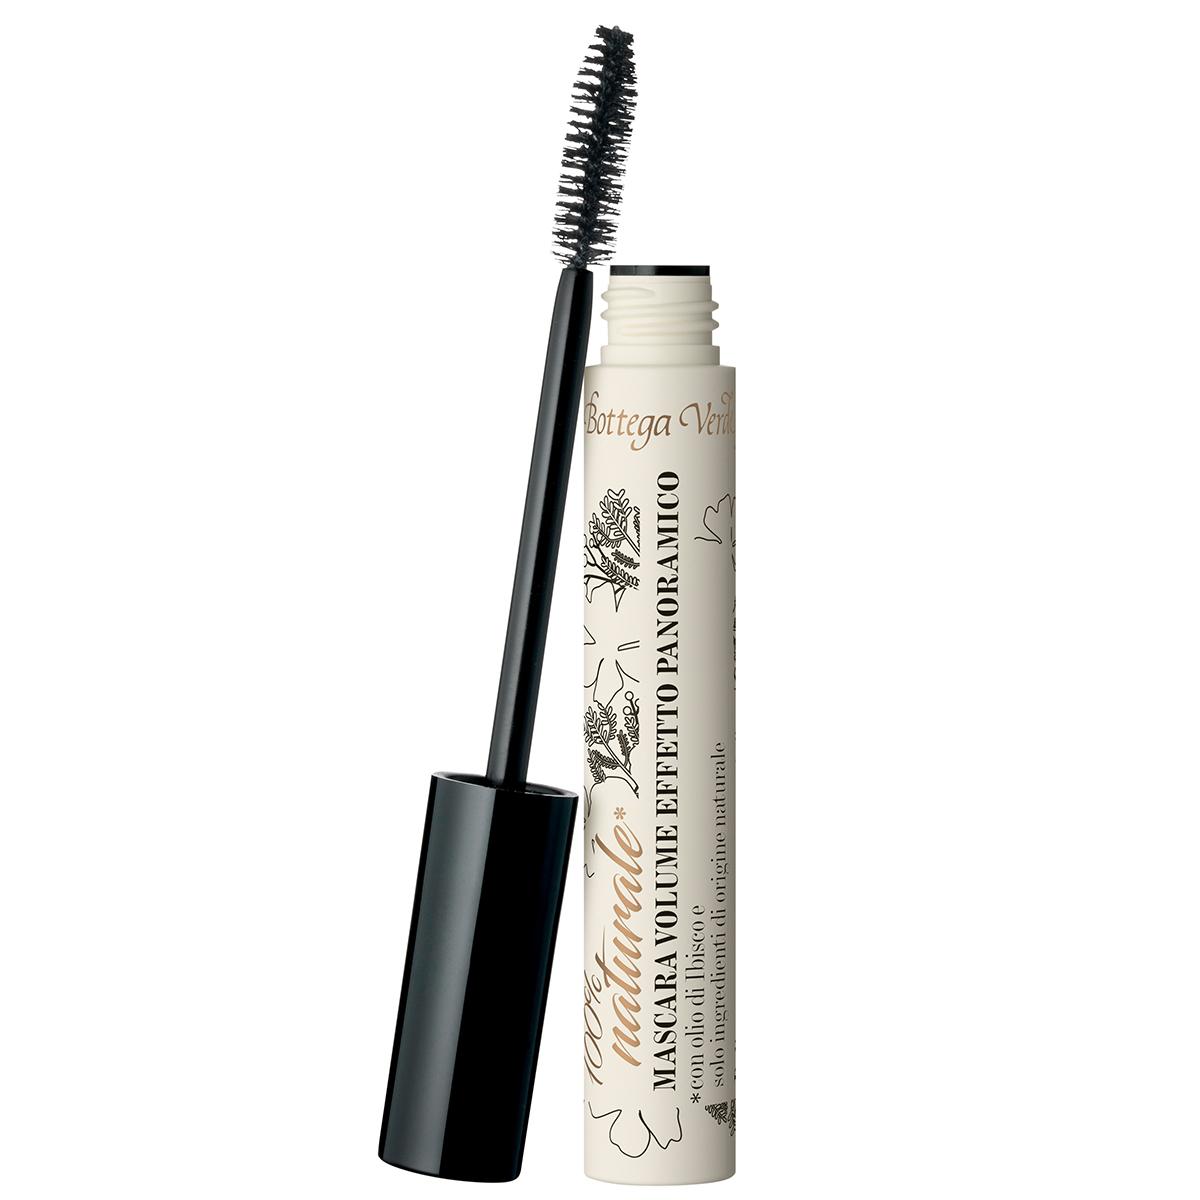 Mascara Volum cu efect panoramic, cu ulei de Hibiscus, negru inchis - 100% natural, 12 ML